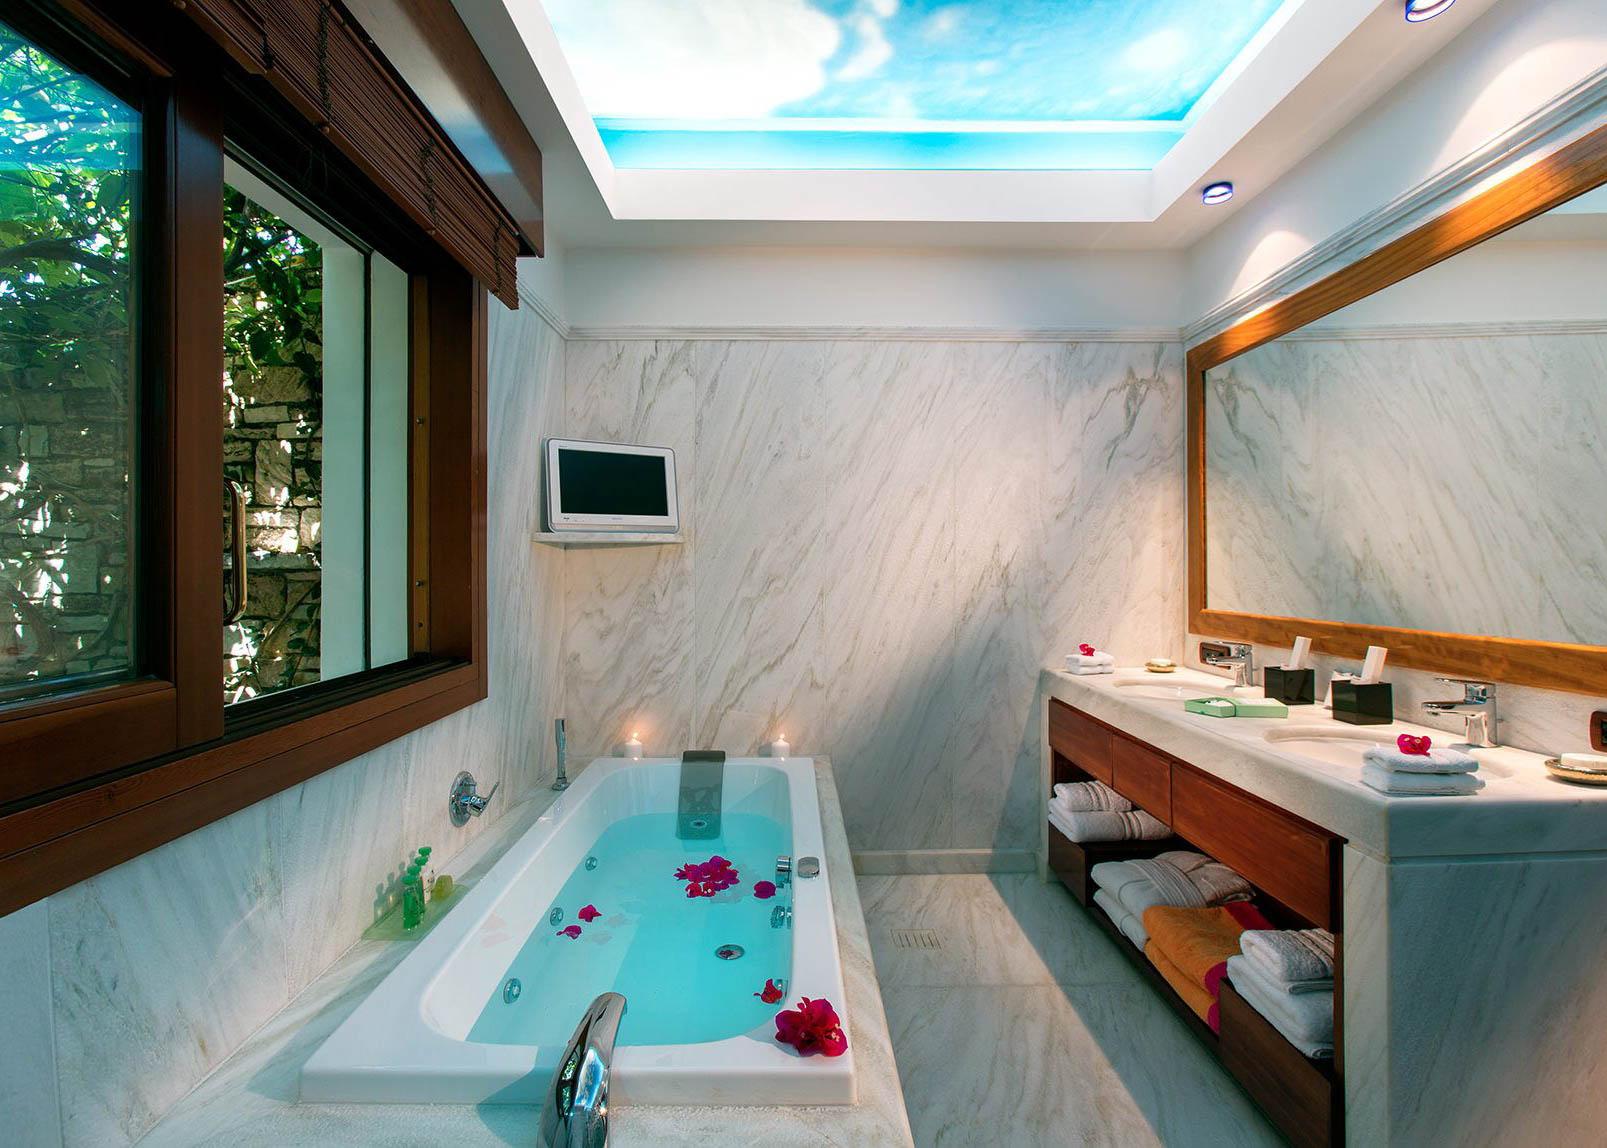 Royal Spa Villa   Lavish Antique Marble Bathroom